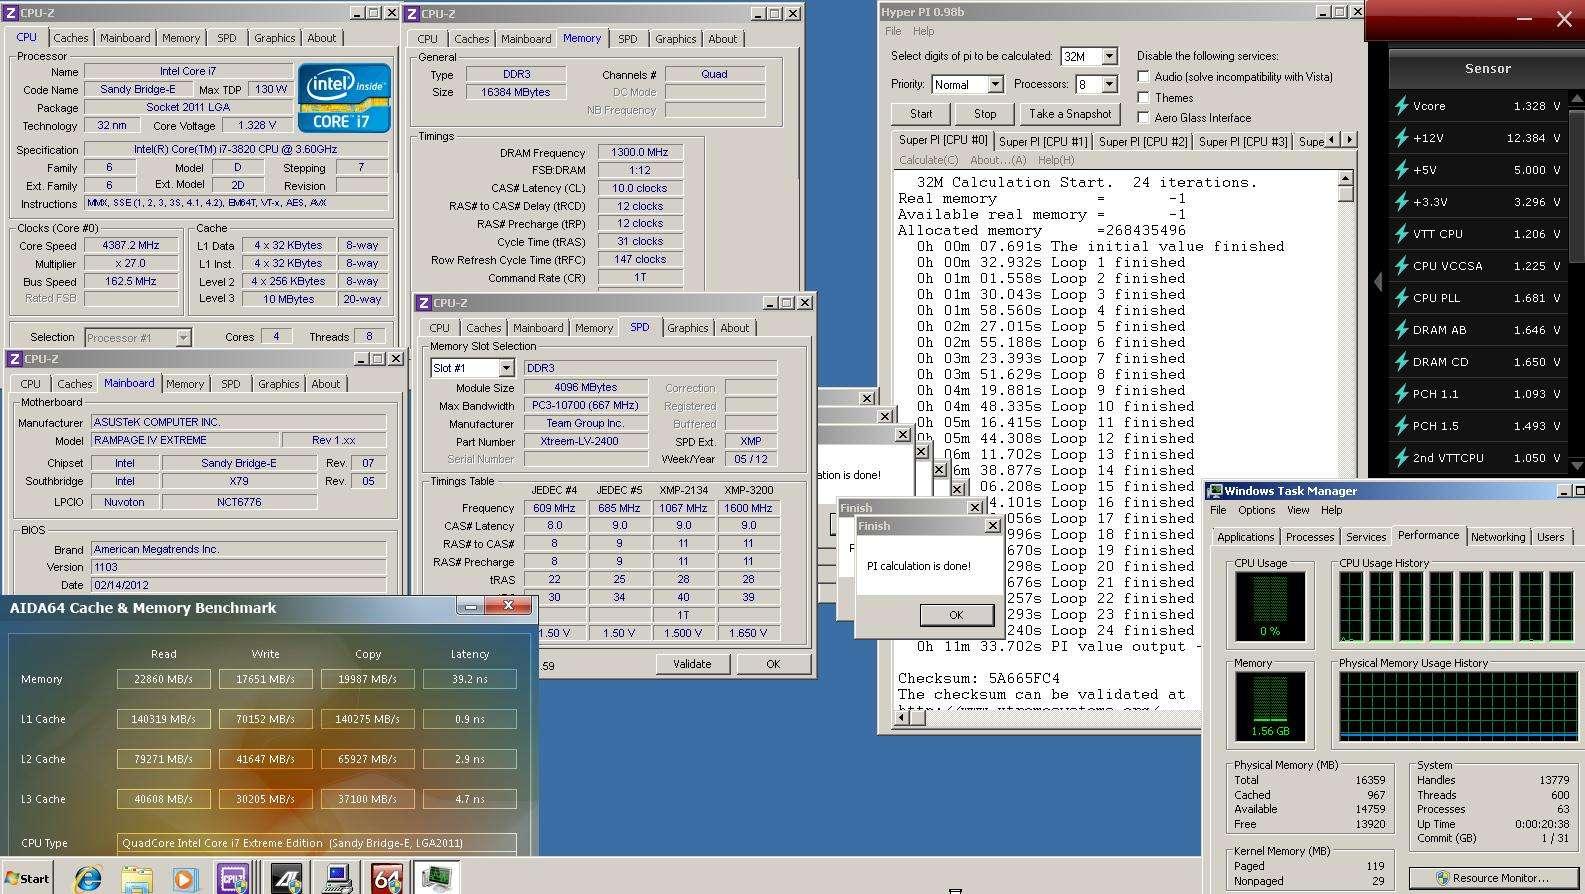 screenshot054lj.jpg